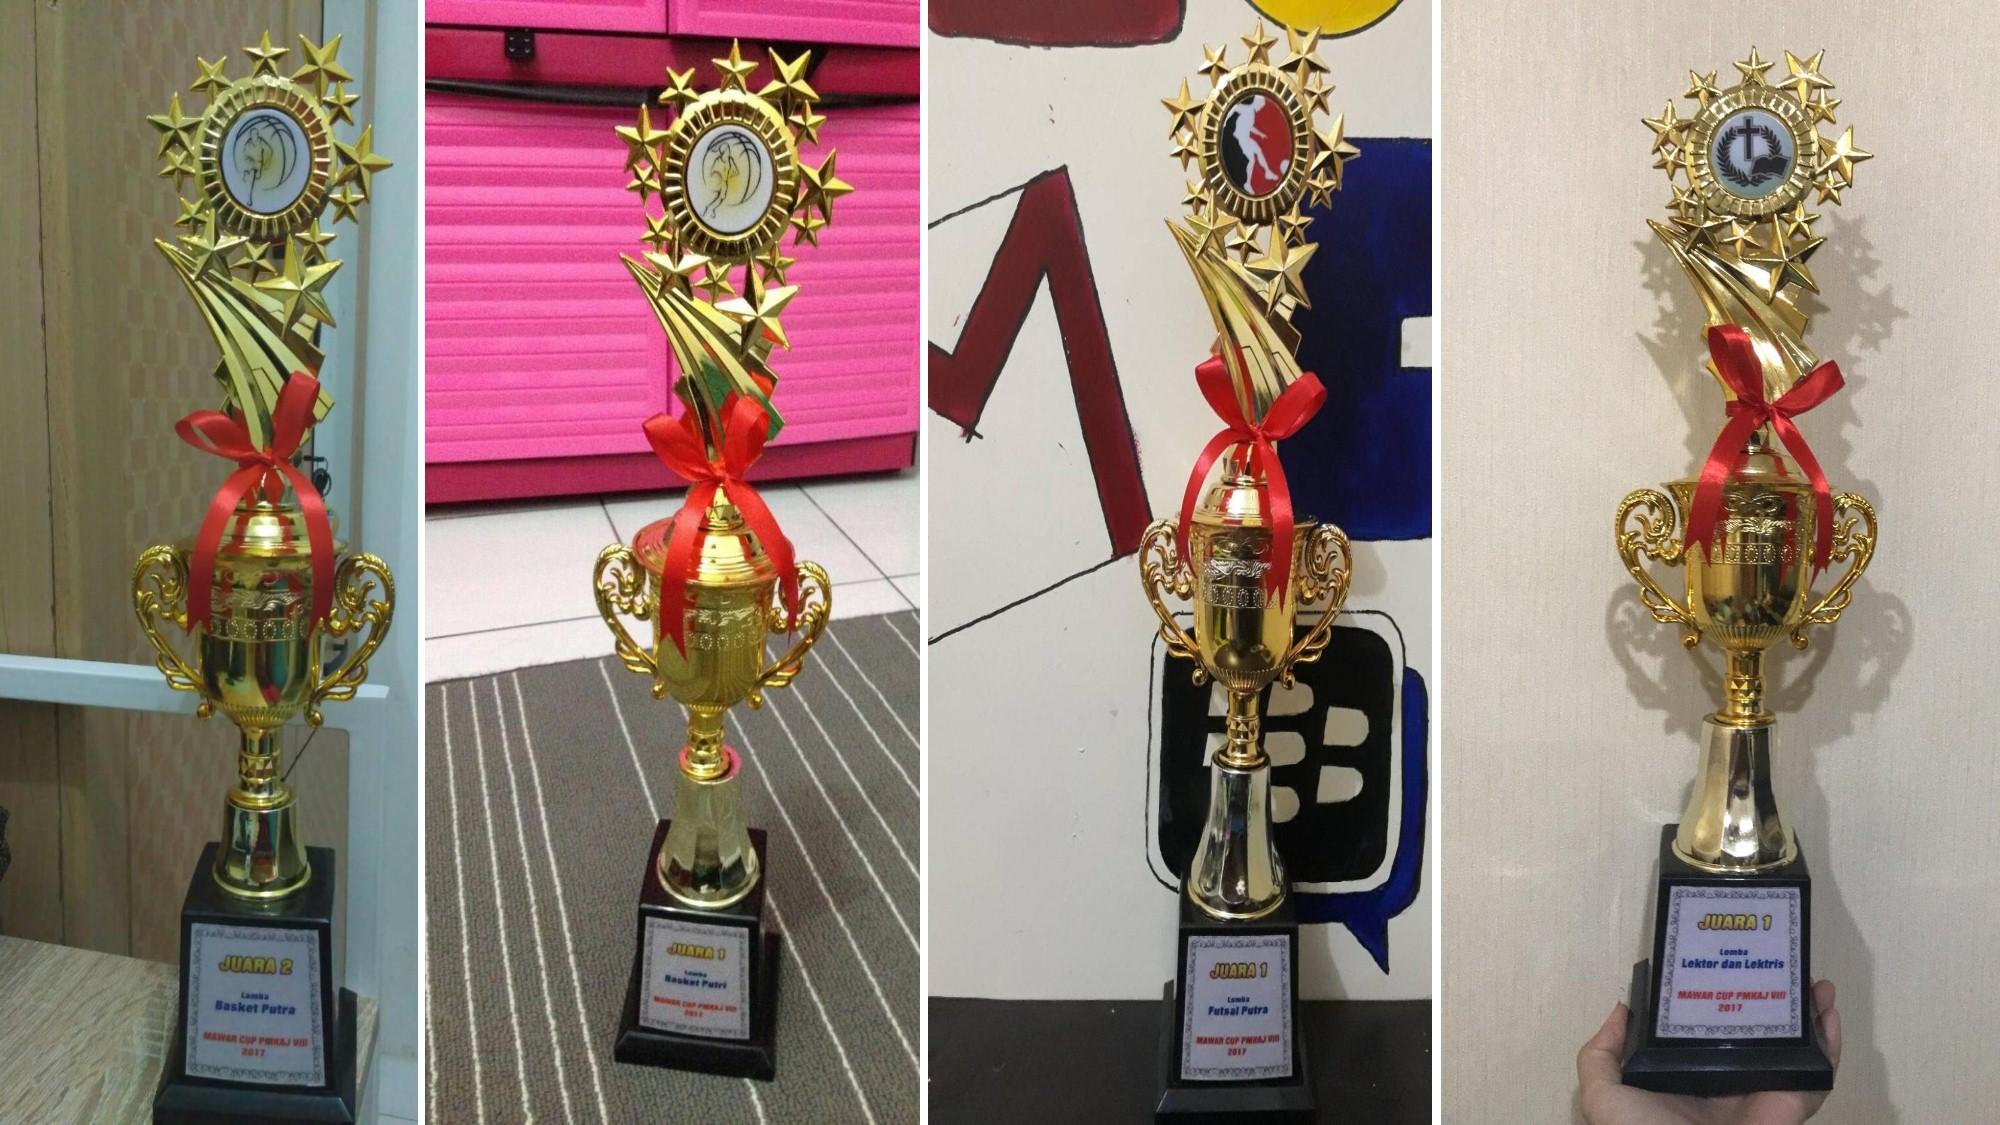 Piala Penghargaan yang didapatkan Dari Ajang Mawar Cup ke-VIII